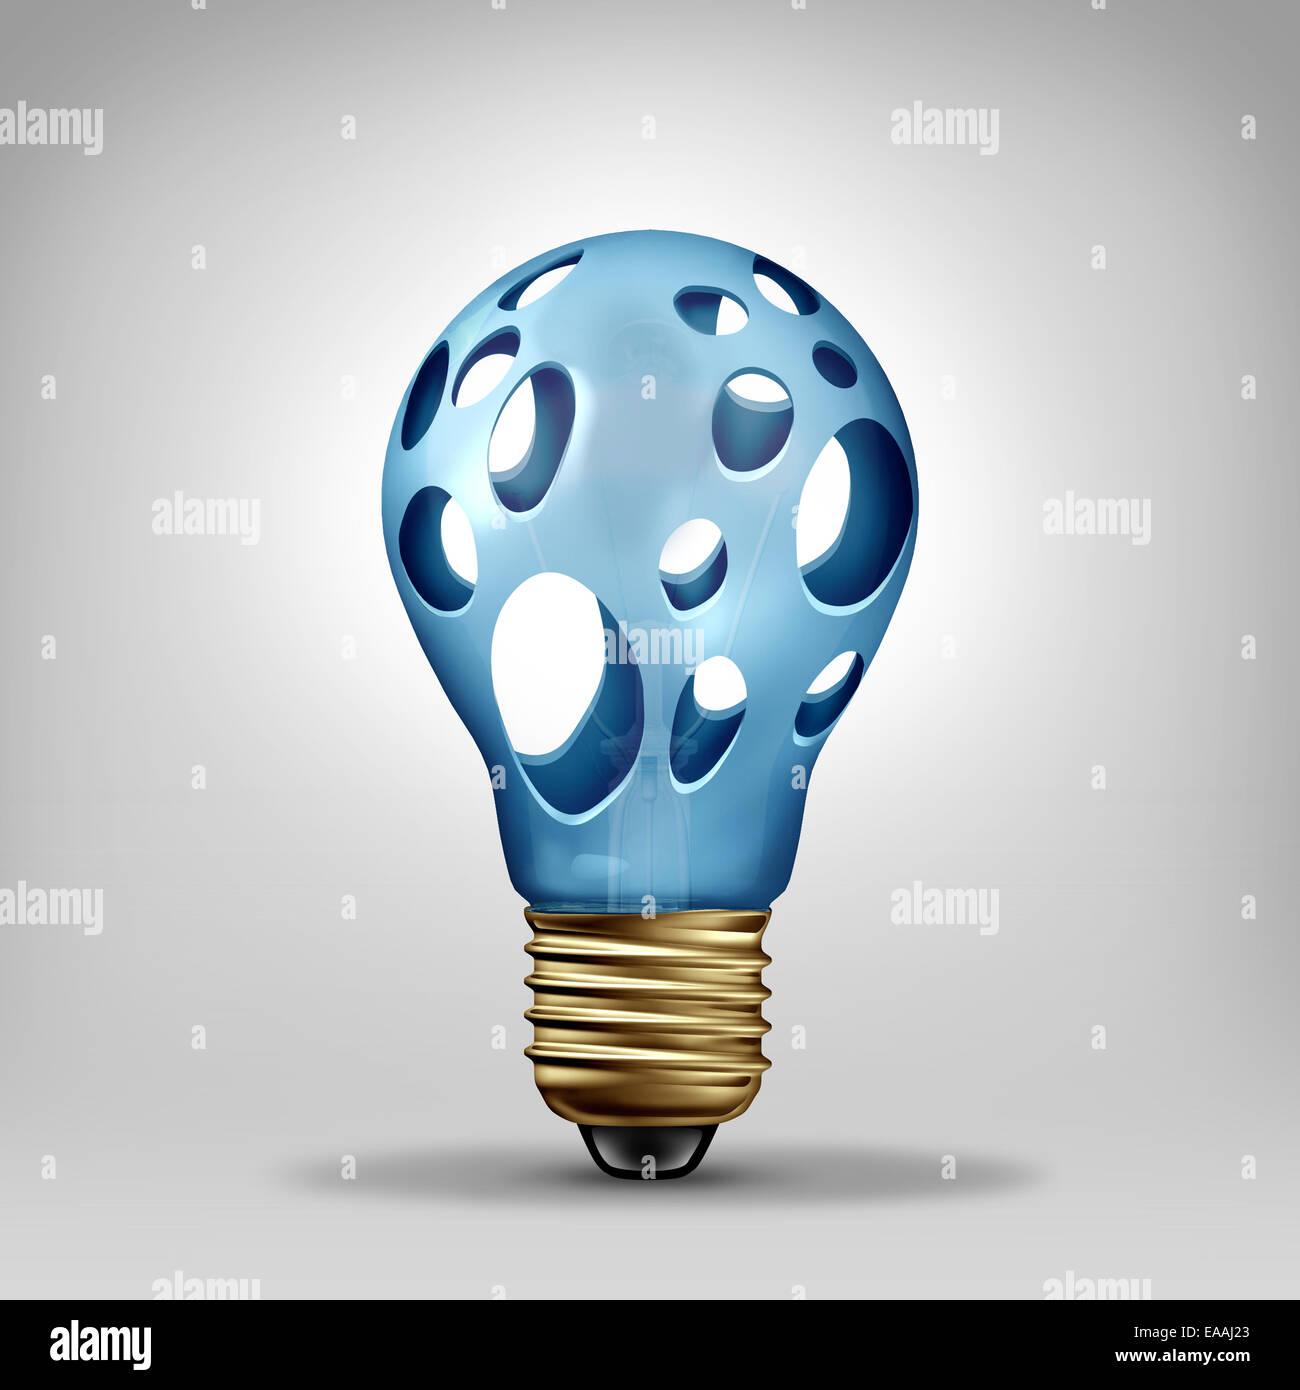 Idea problema il concetto di creatività e simbolo di crisi come una lampadina con fori vuoti come un icona Immagini Stock